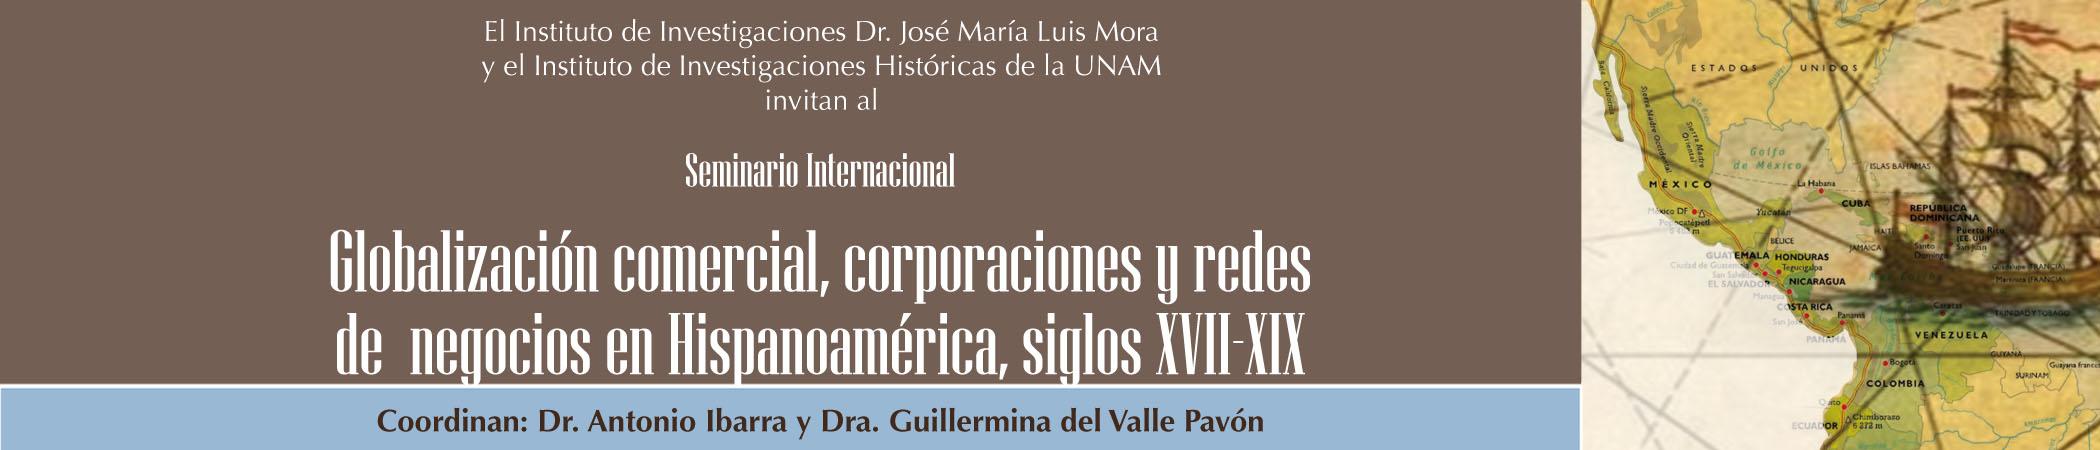 Seminario Internacional Globalización comercial, corporaciones y redes de negocios en Hispanoamérica, siglos XVII-XIX